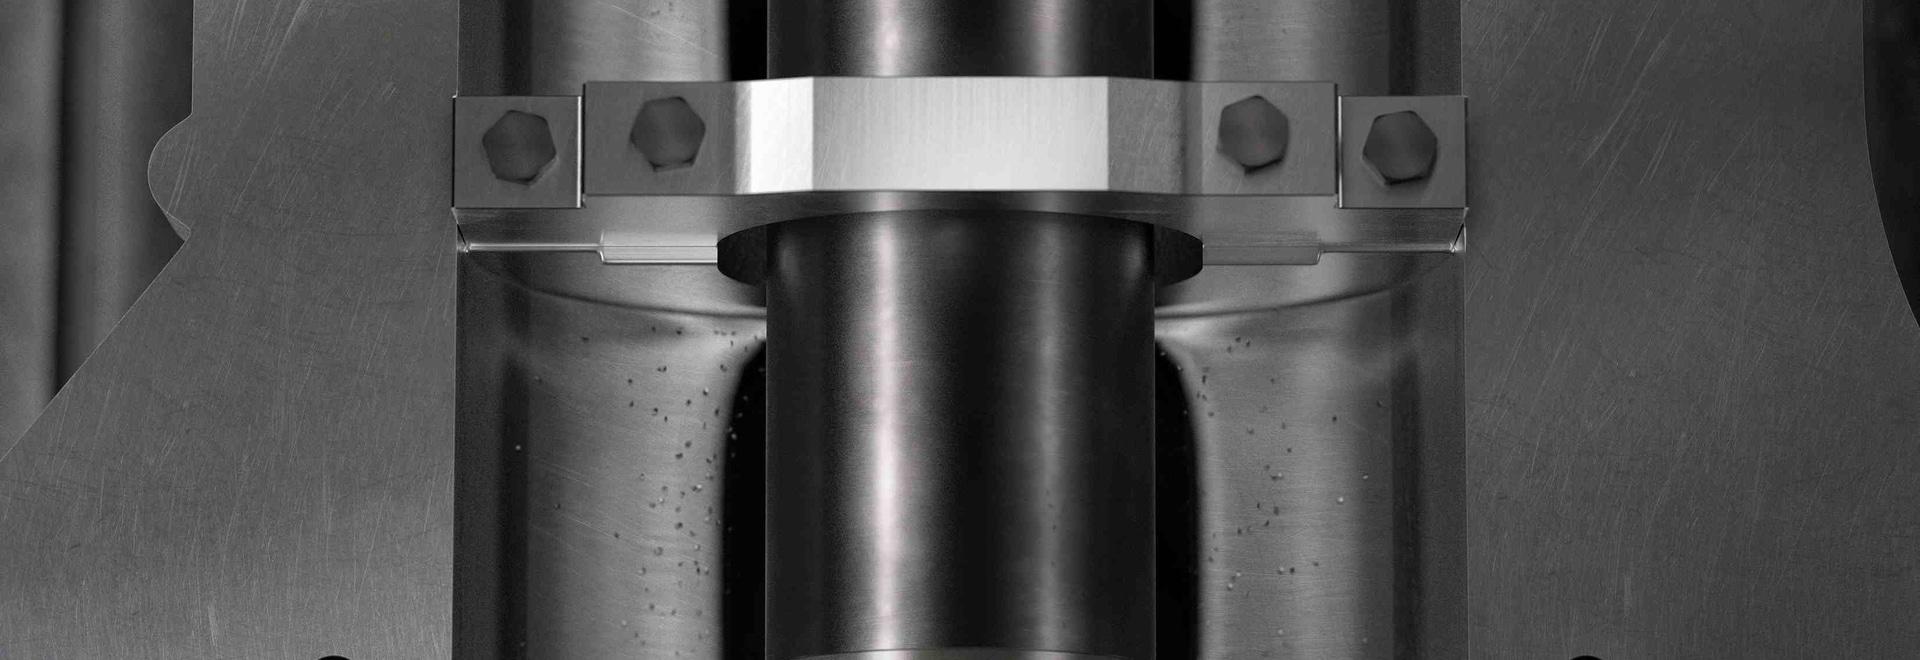 Le nouveau CoroBore 825 amorti améliore la sécurité et la productivité